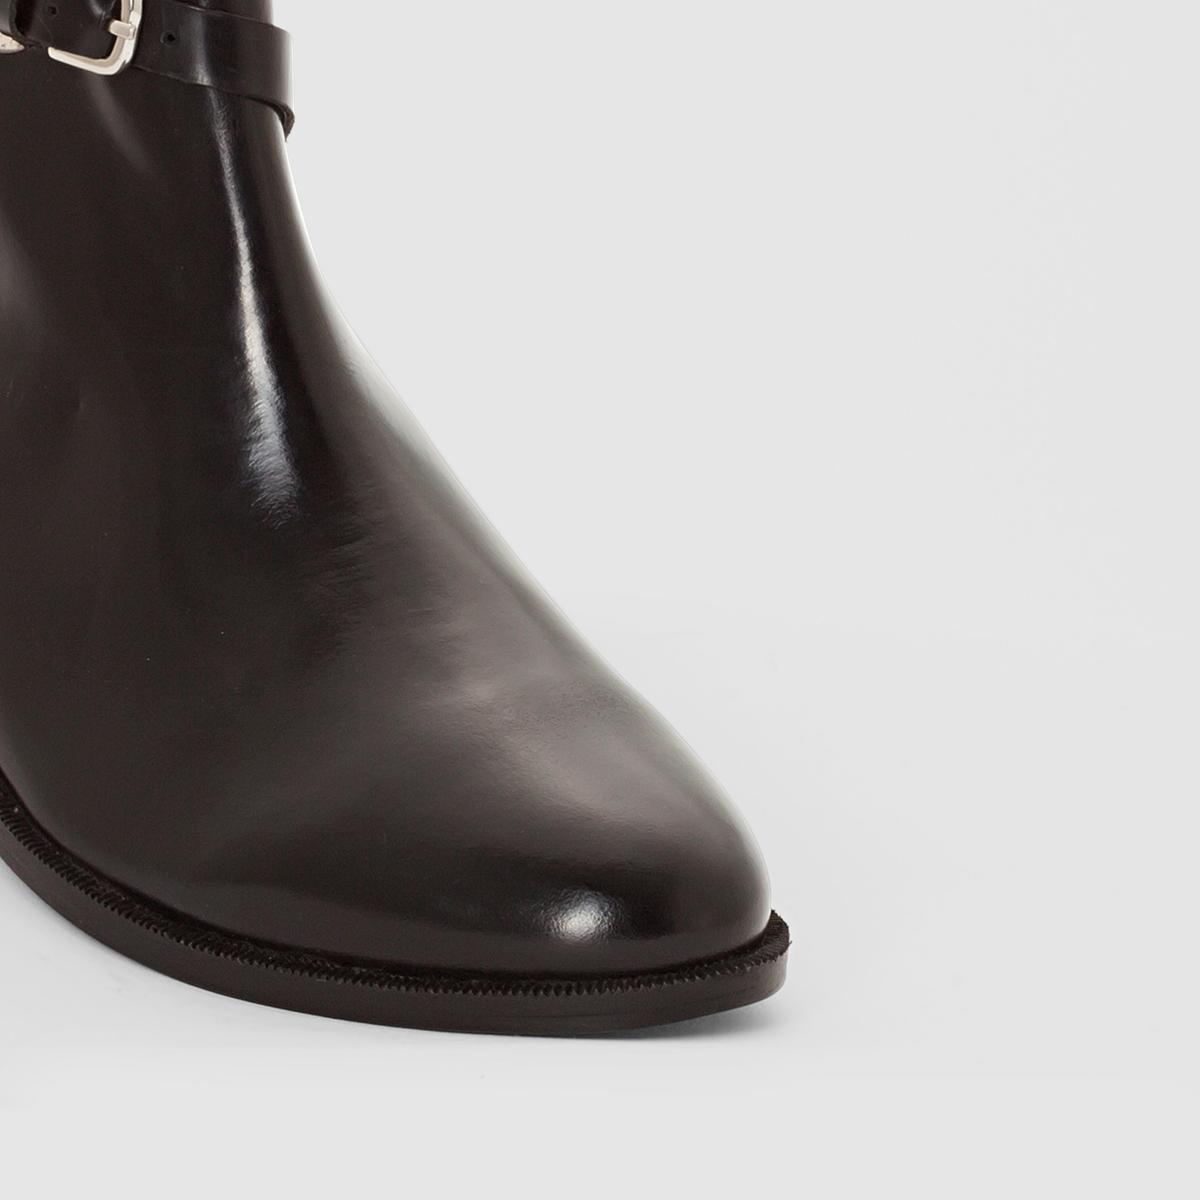 Ботинки из кожи с ремешкомВерх/Голенище : Кожа                     Подкладка : Кожа               Стелька : Кожа               Подошва : эластомер         Форма каблука : плоский               Мысок : Закругленный               Застежка : На молнию<br><br>Цвет: черный<br>Размер: 41.38.36